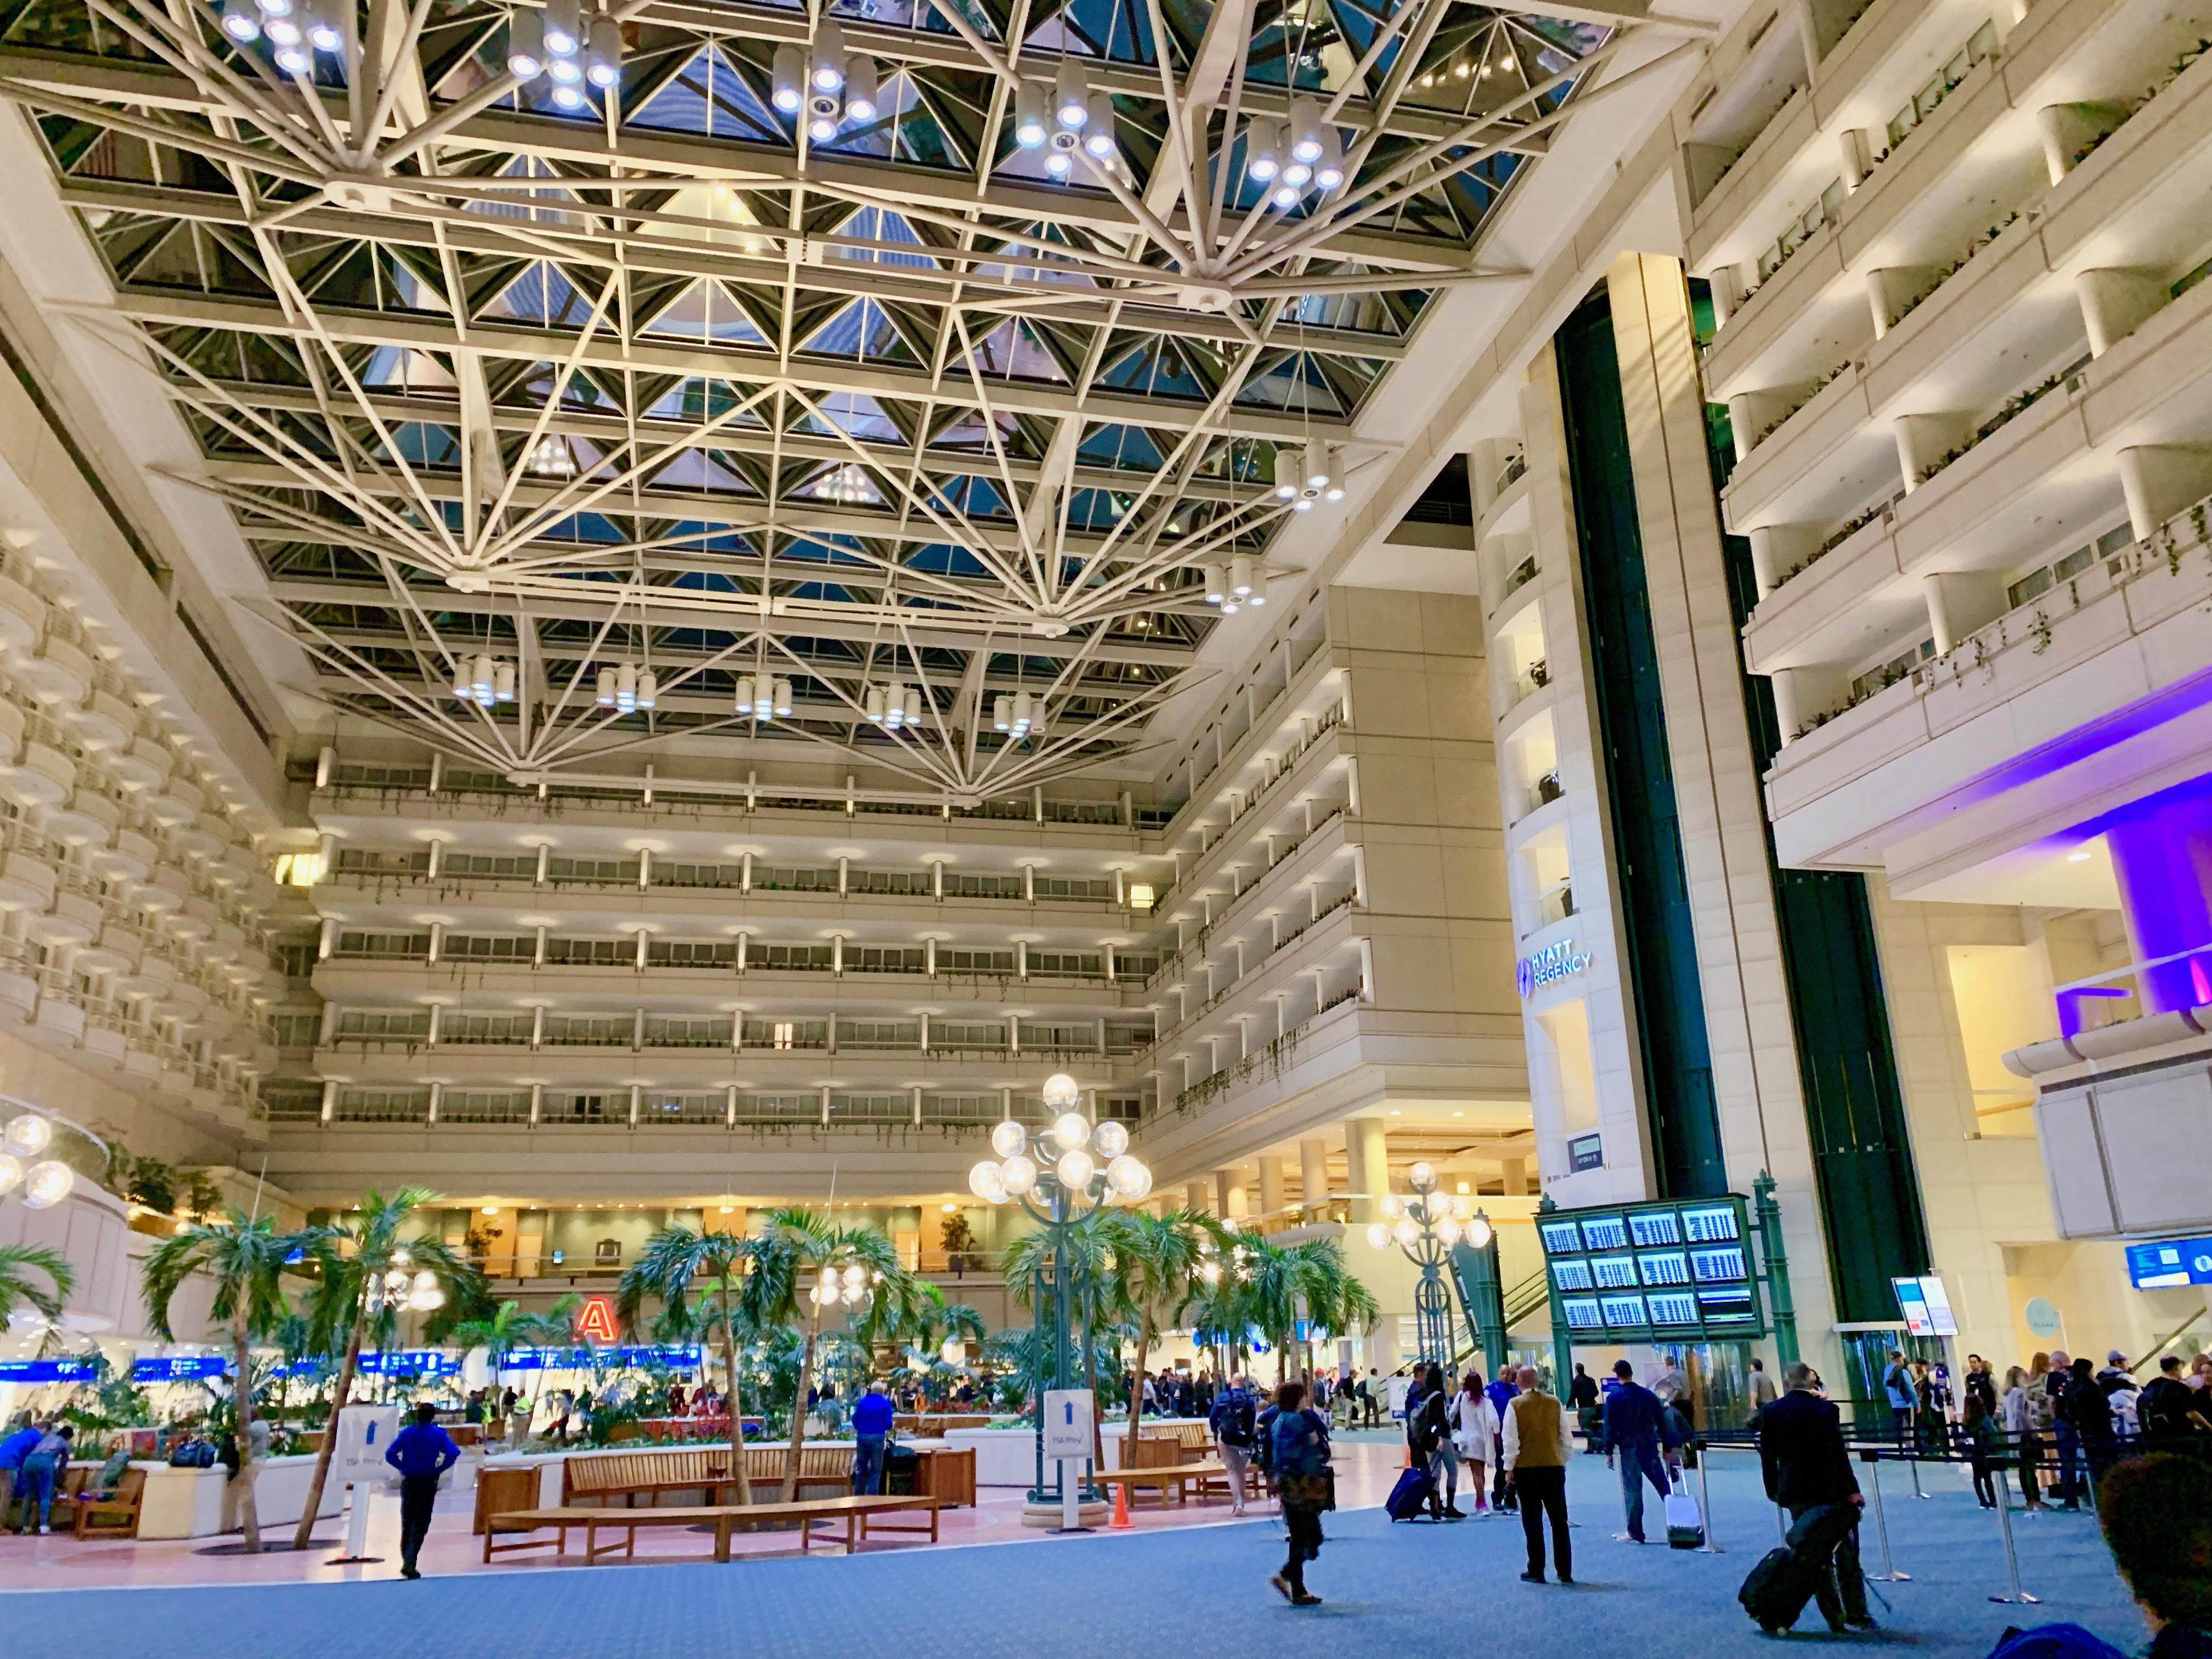 オーランド国際空港のメインターミナル